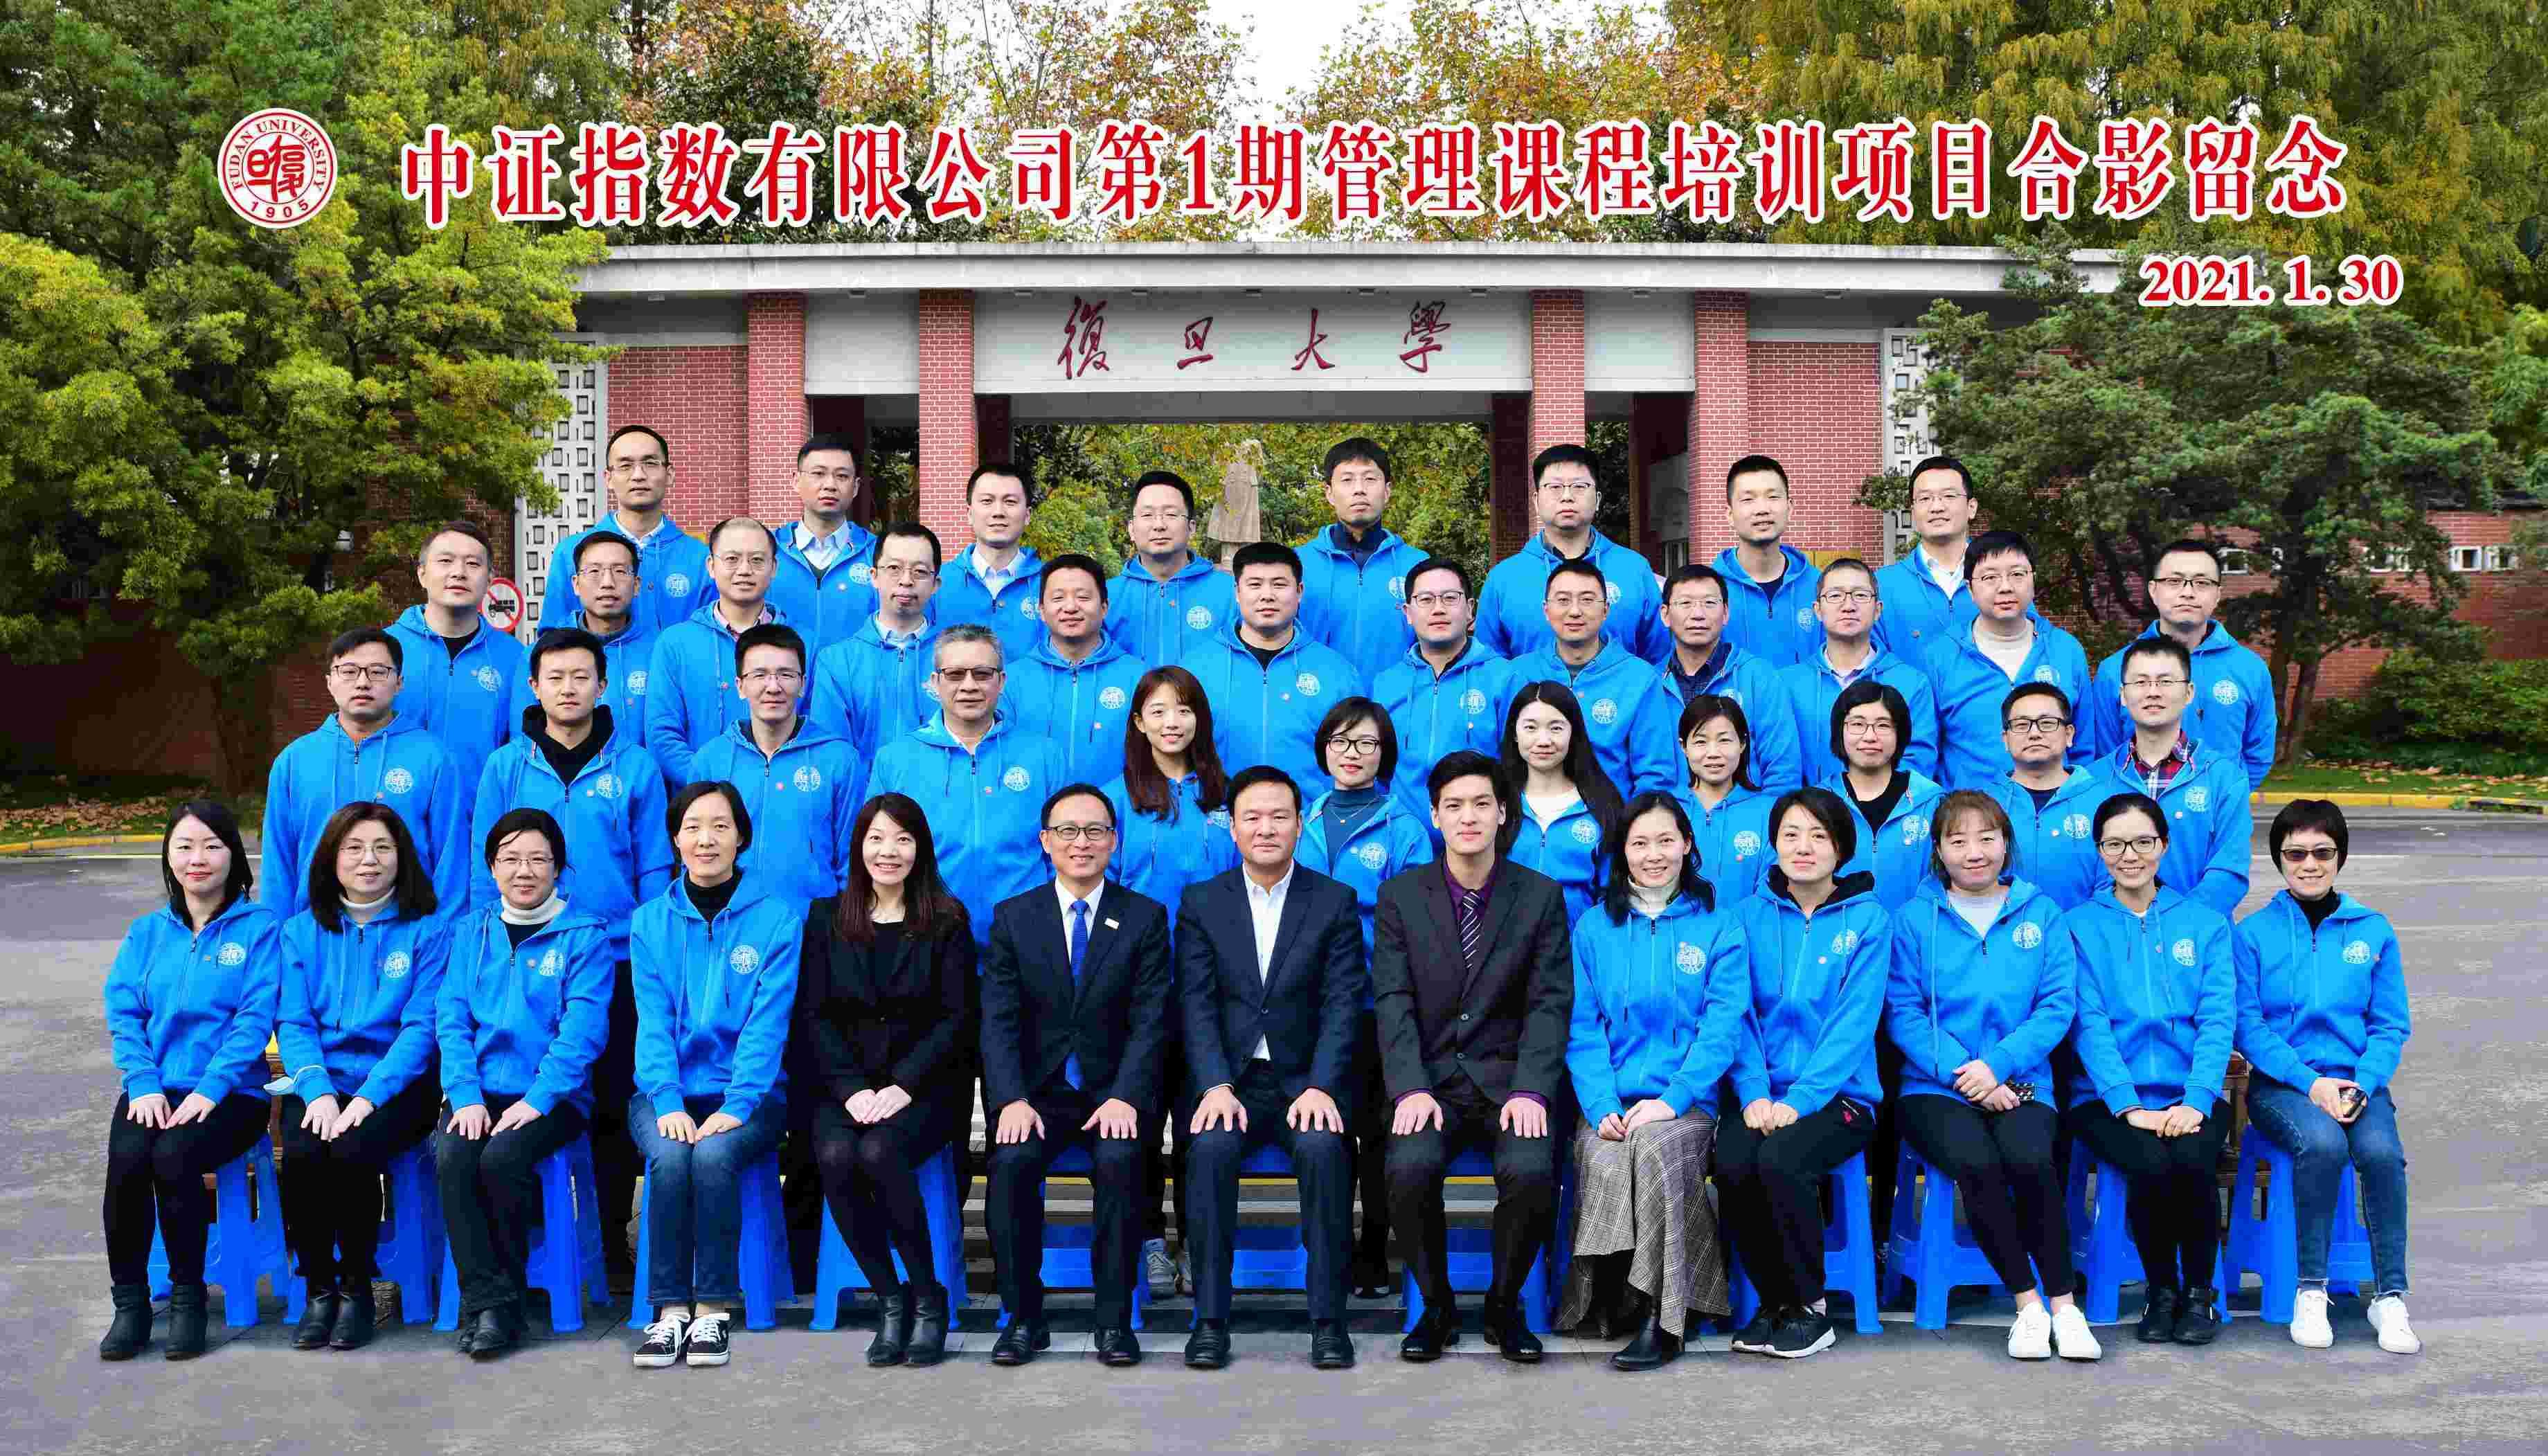 中证指数有限公司第一期管理课程培训班